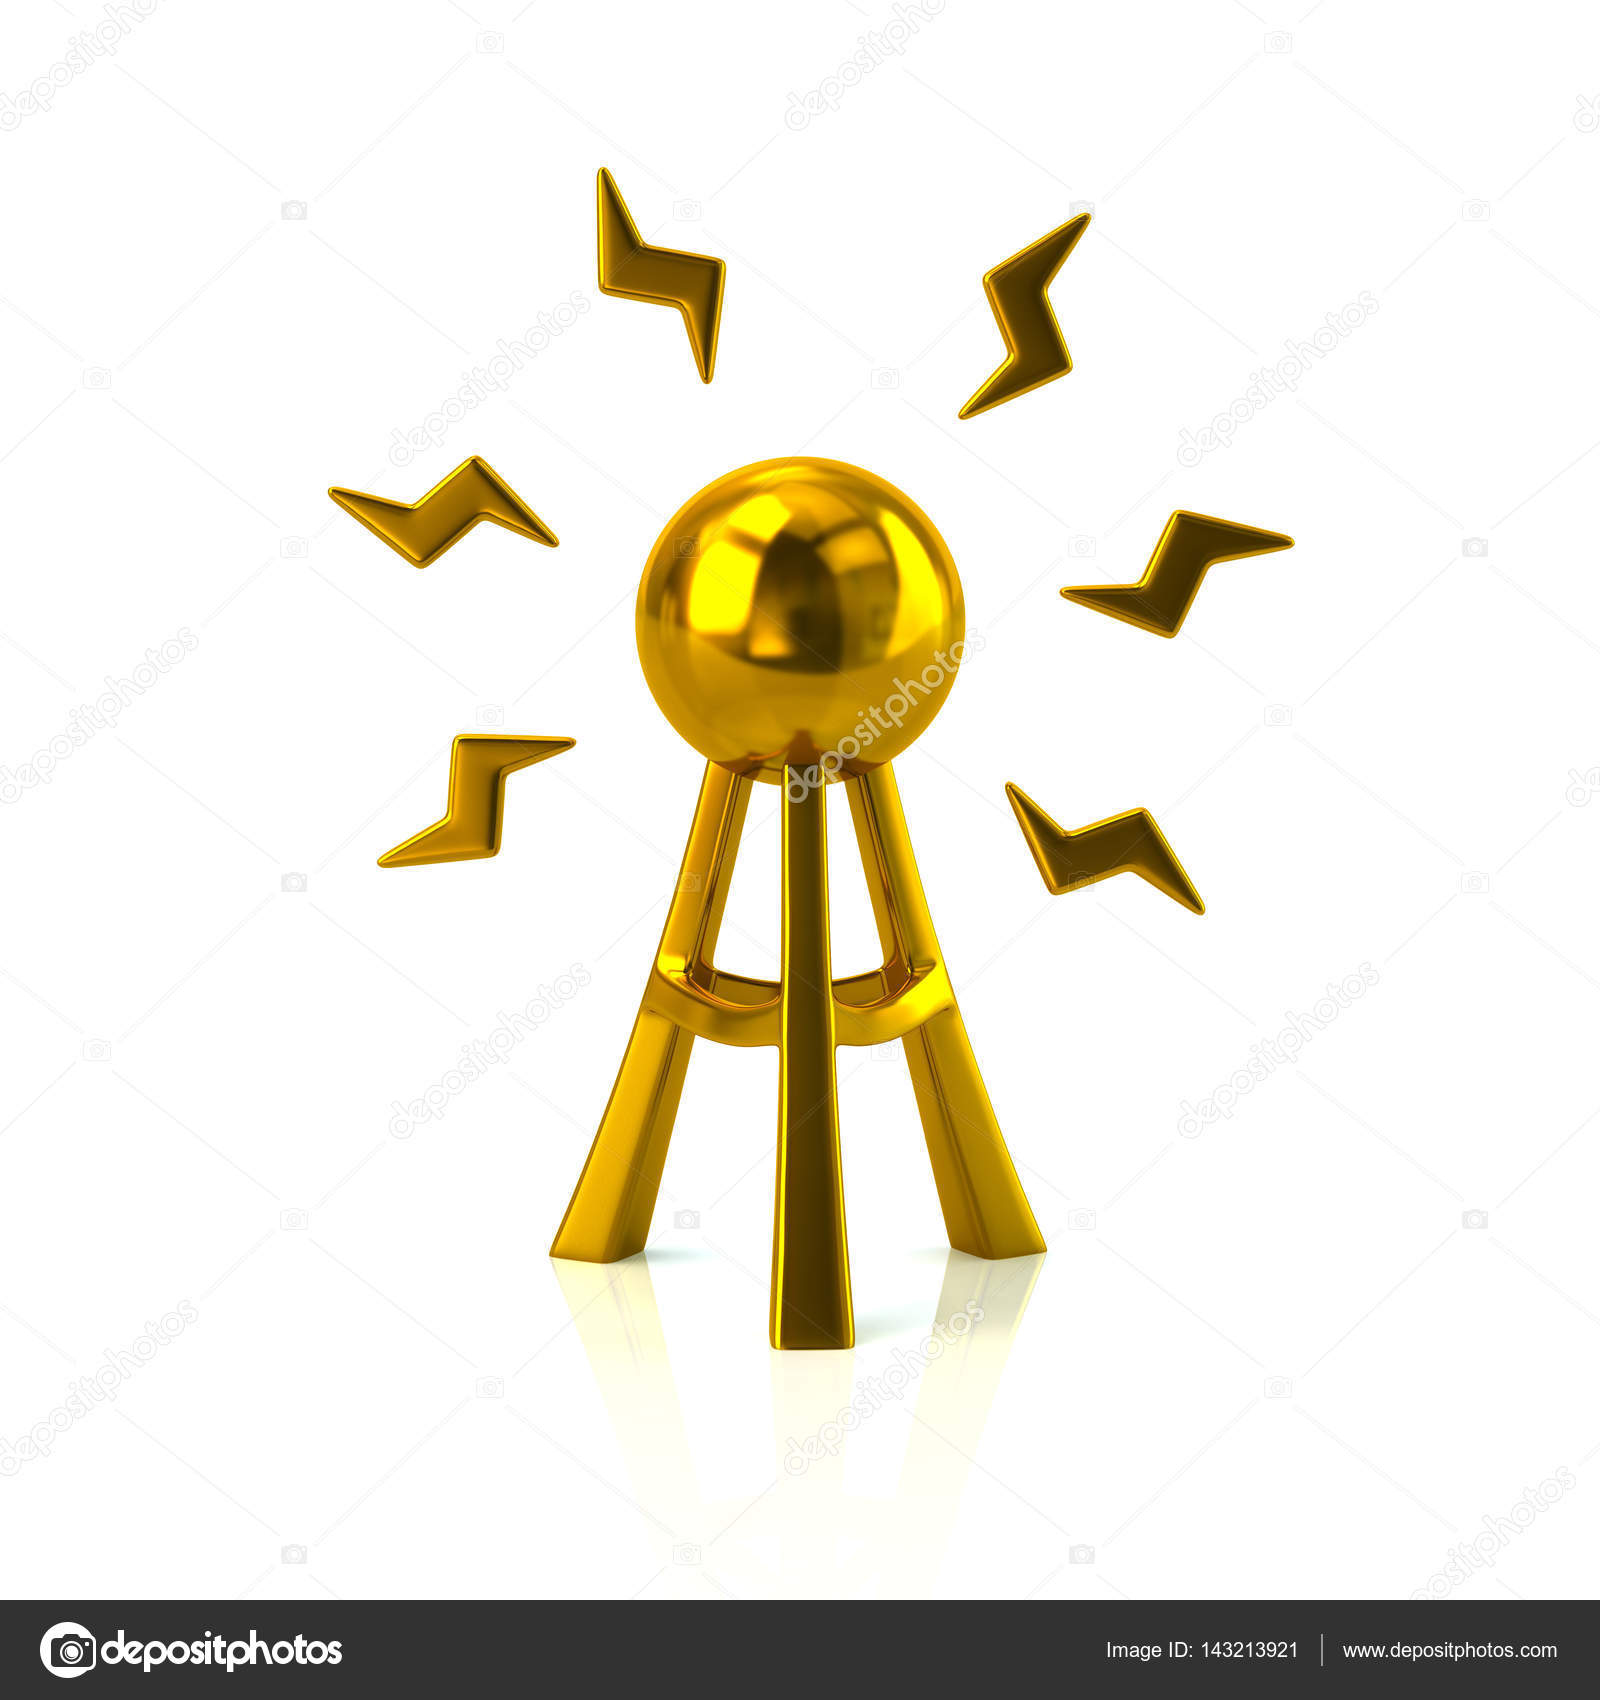 Goldene Antenne Turm Symbol — Stockfoto © valdum #143213921